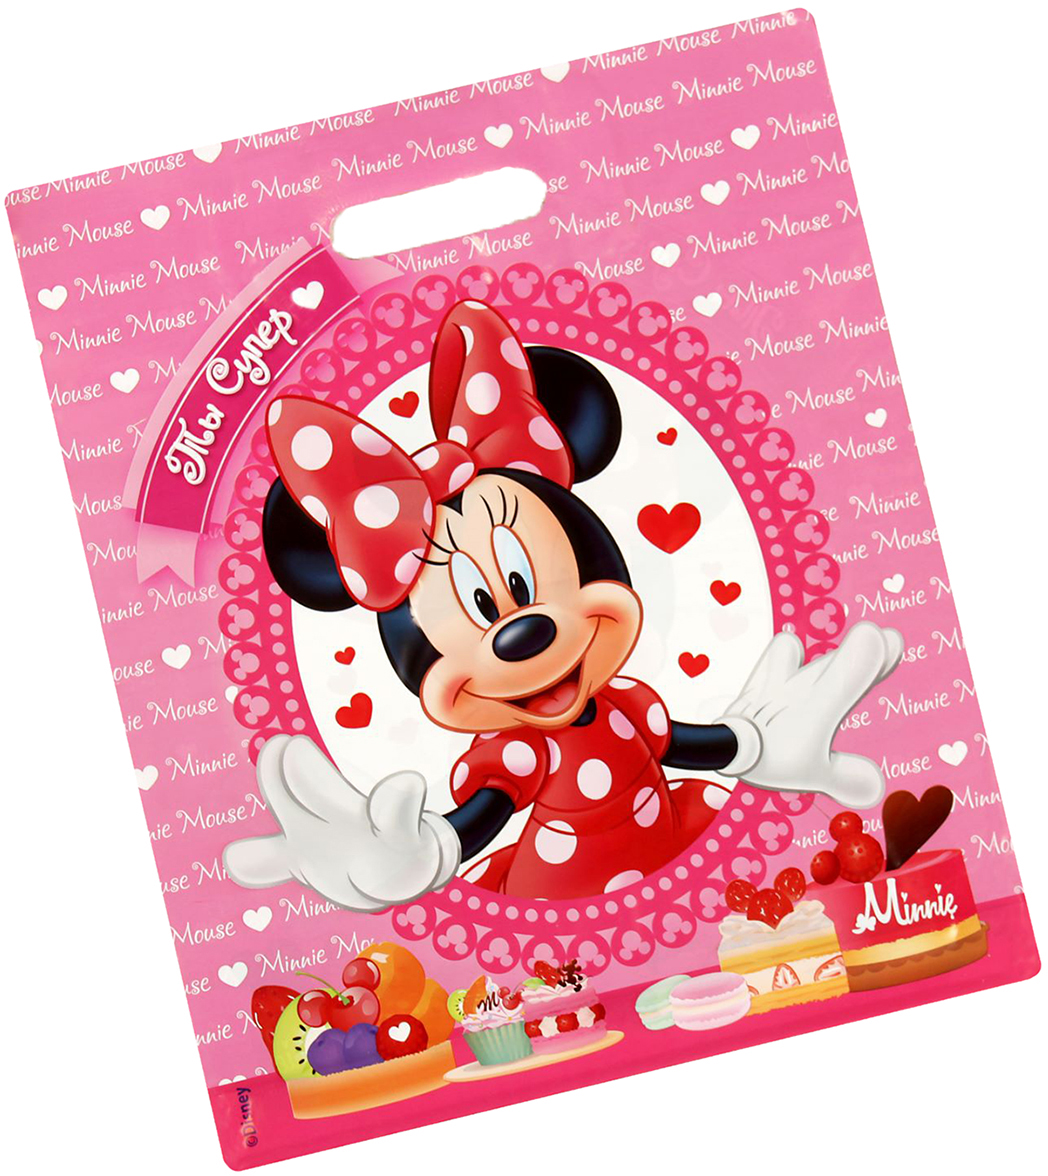 Пакет подарочный Disney Минни Маус. Ты супер!, цвет: мультиколор, 34 х 40 см. 2333371 пакет подарочный disney софия прекрасная самая милая цвет мультиколор 18 х 10 х 23 см 2019723